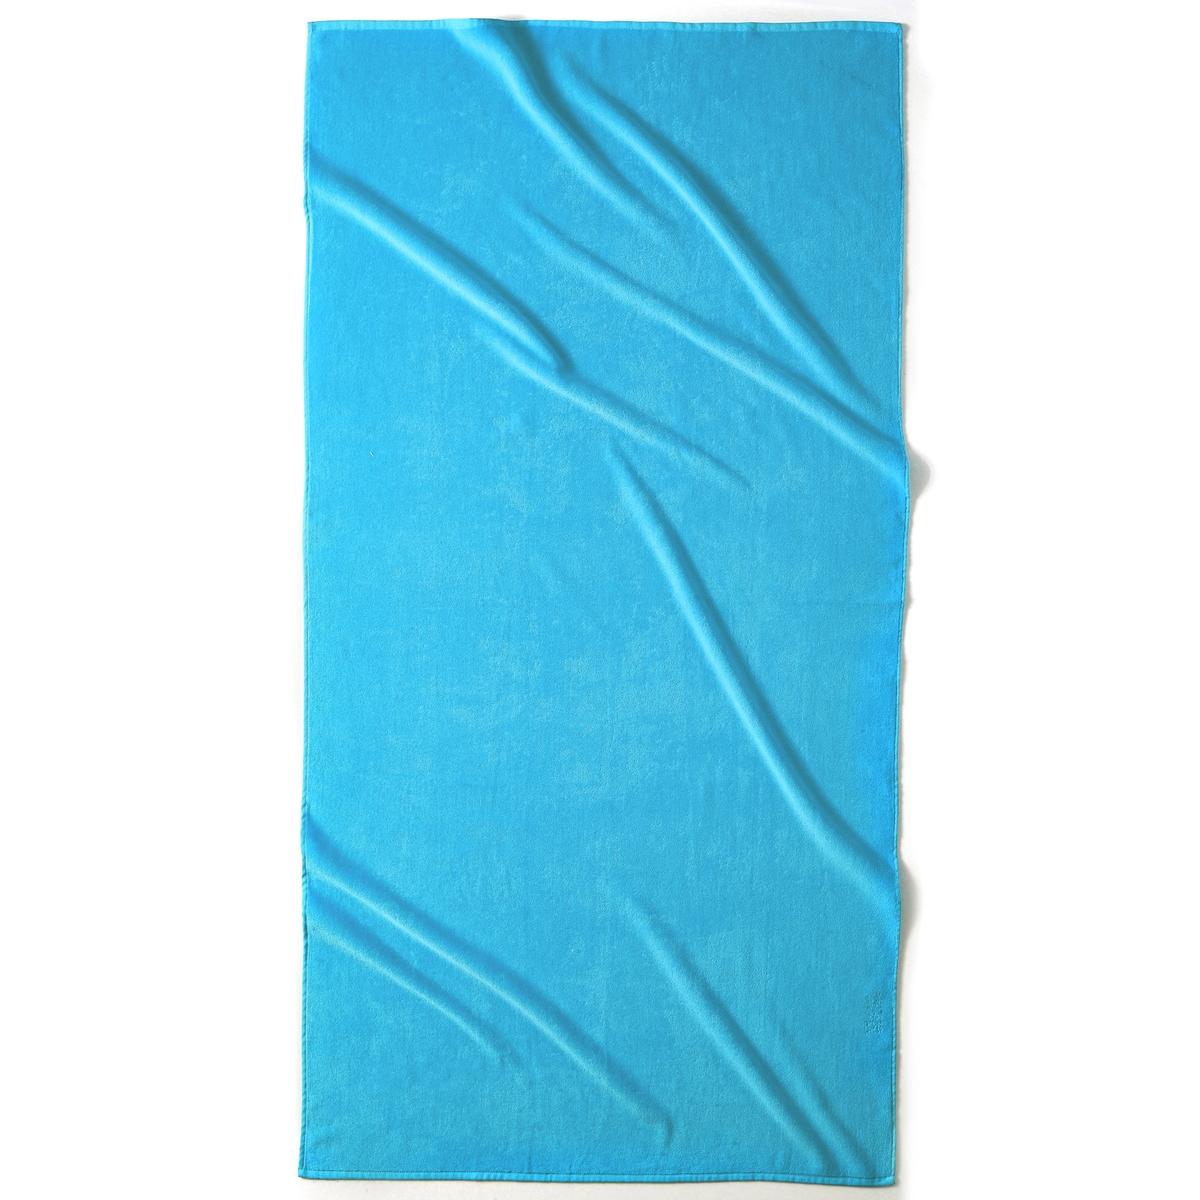 Полотенце пляжное ESTORILПляжное полотенце из 100% хлопка, 420 г/м?. 1 сторона из велюра, 1 сторона из махровой ткани. Размер полотенца: 90 x 175 см. Стирка при 40°.<br><br>Цвет: зеленый анис<br>Размер: единый размер